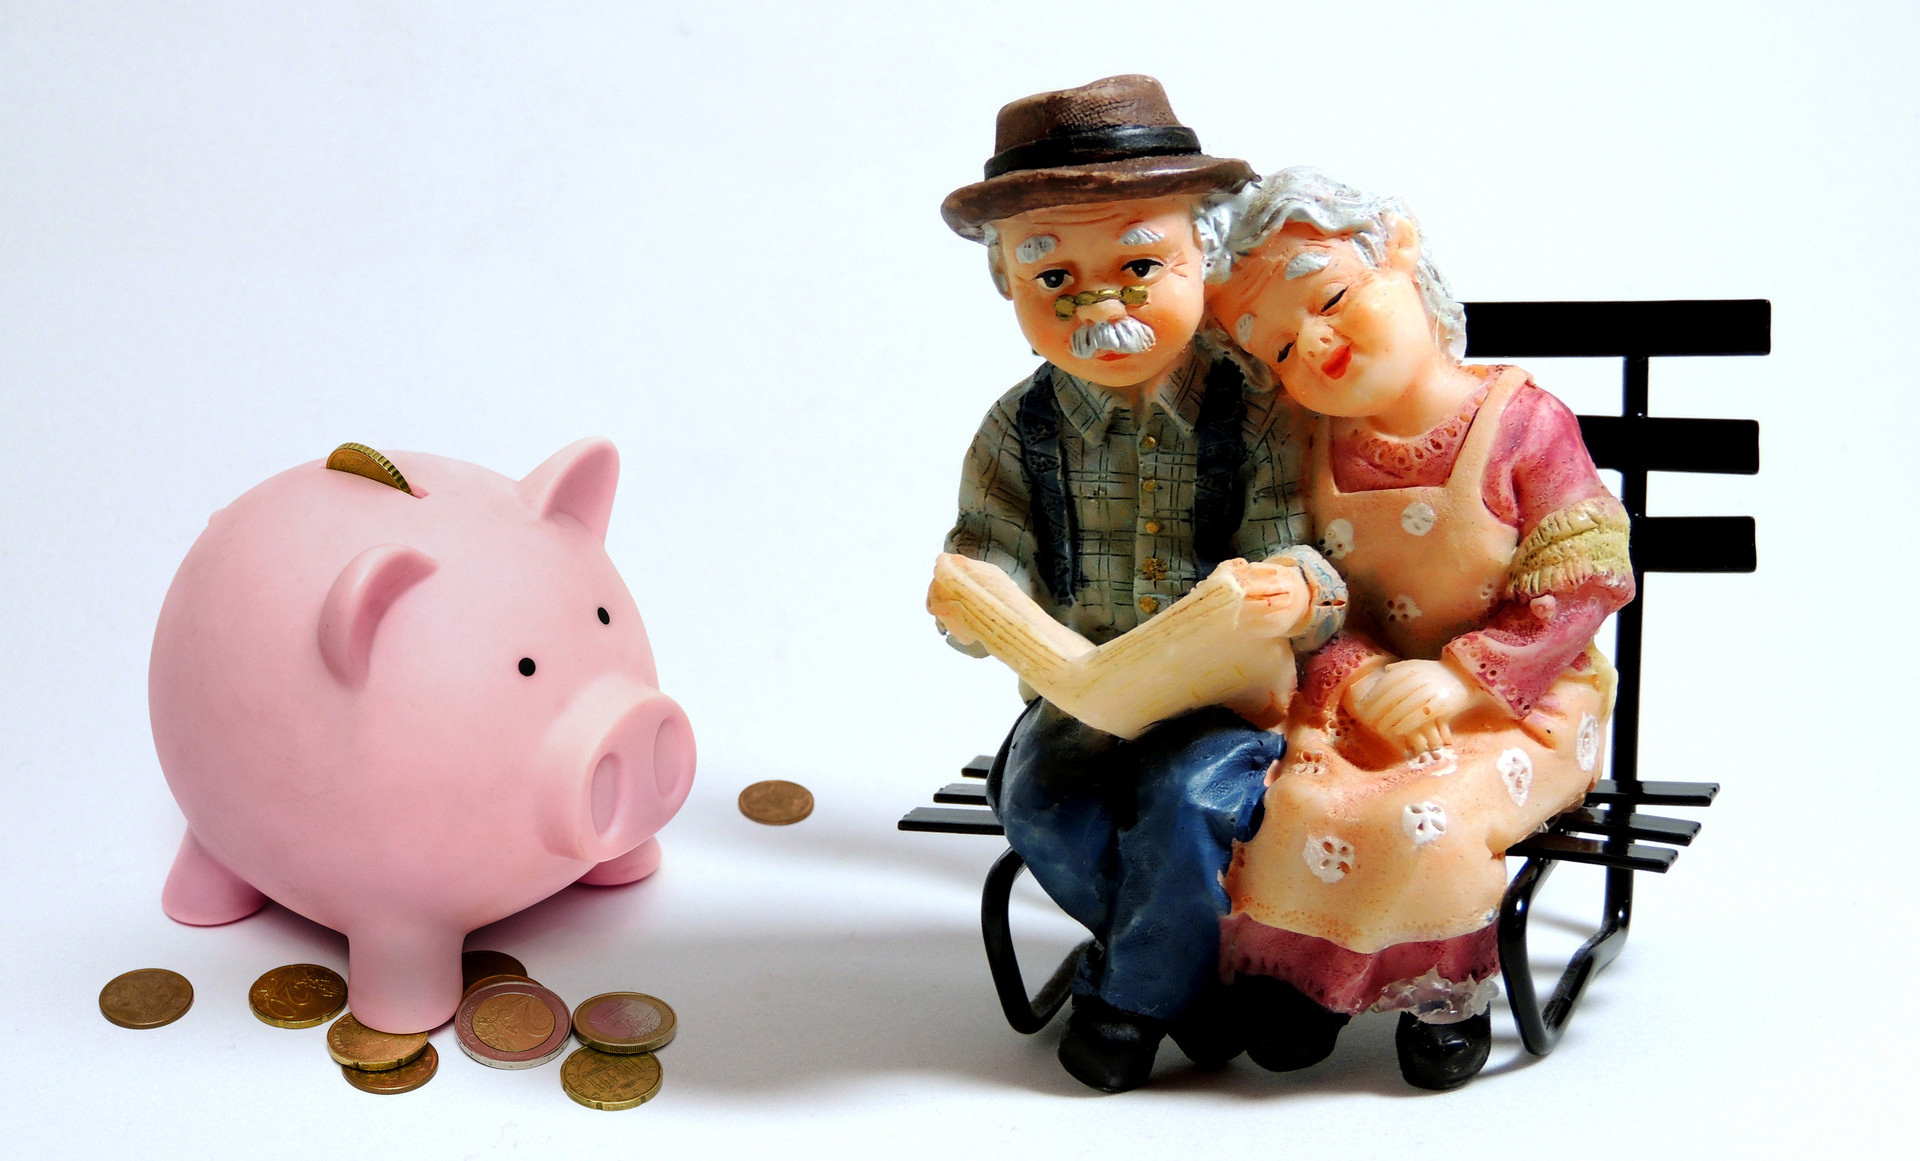 基本民生怎么保?猪肉保供稳价,养老金按时足额发放,增加普惠优质服务……国务院要求这些都要做到